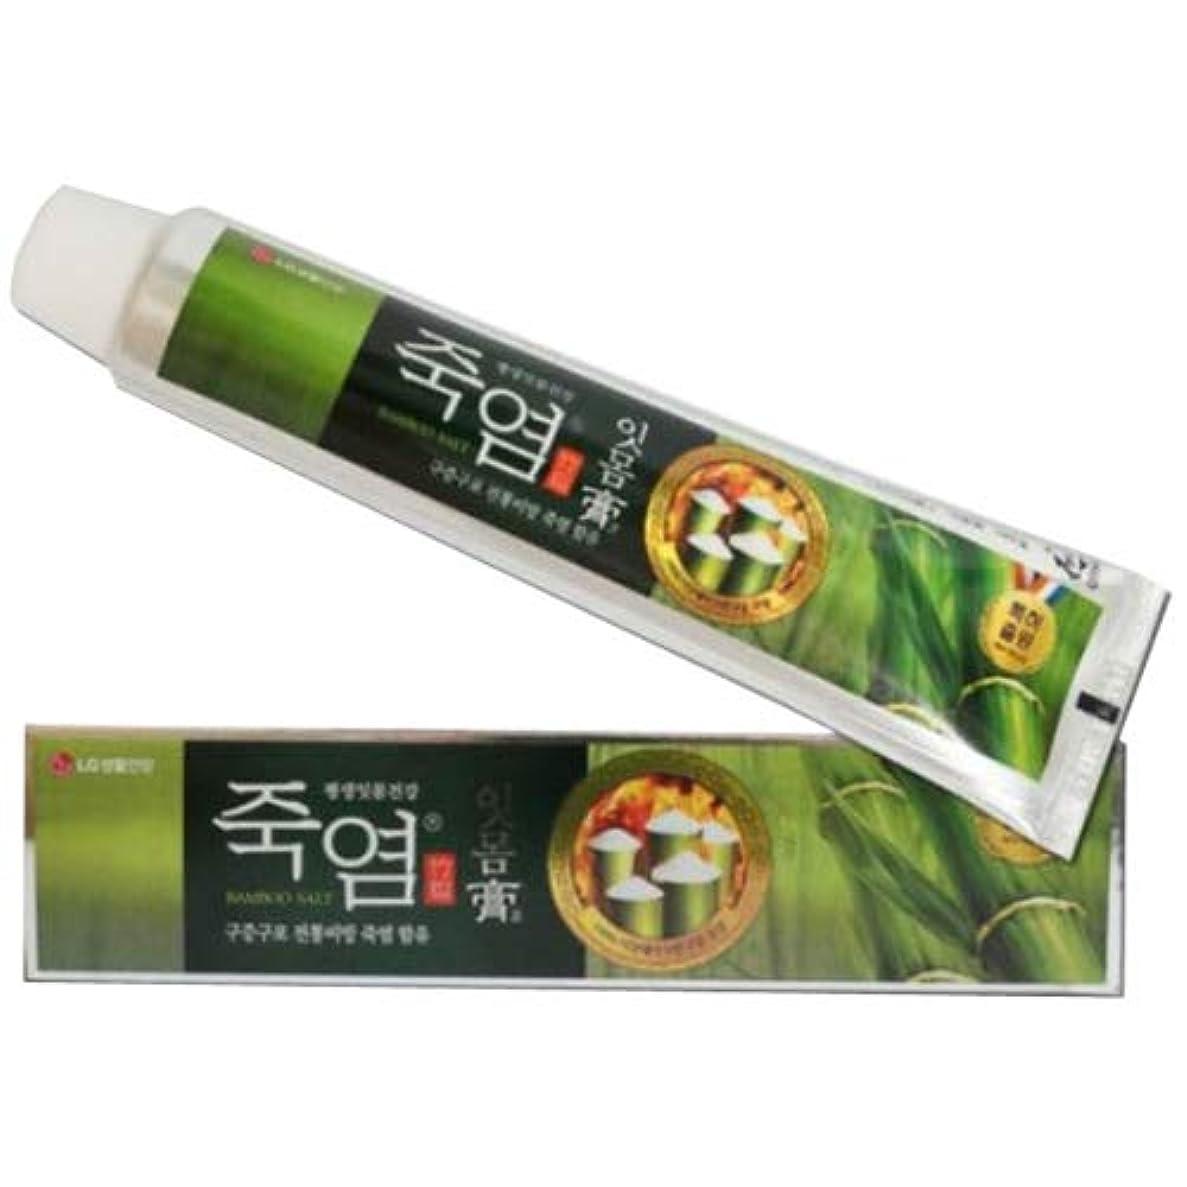 融合ボードプラスLG生活健康 竹塩歯磨き粉 (歯康膏:ウンガンゴ)(120g X2個) 竹塩歯磨き粉つぶれて歯茎を健康に ウンガンゴ